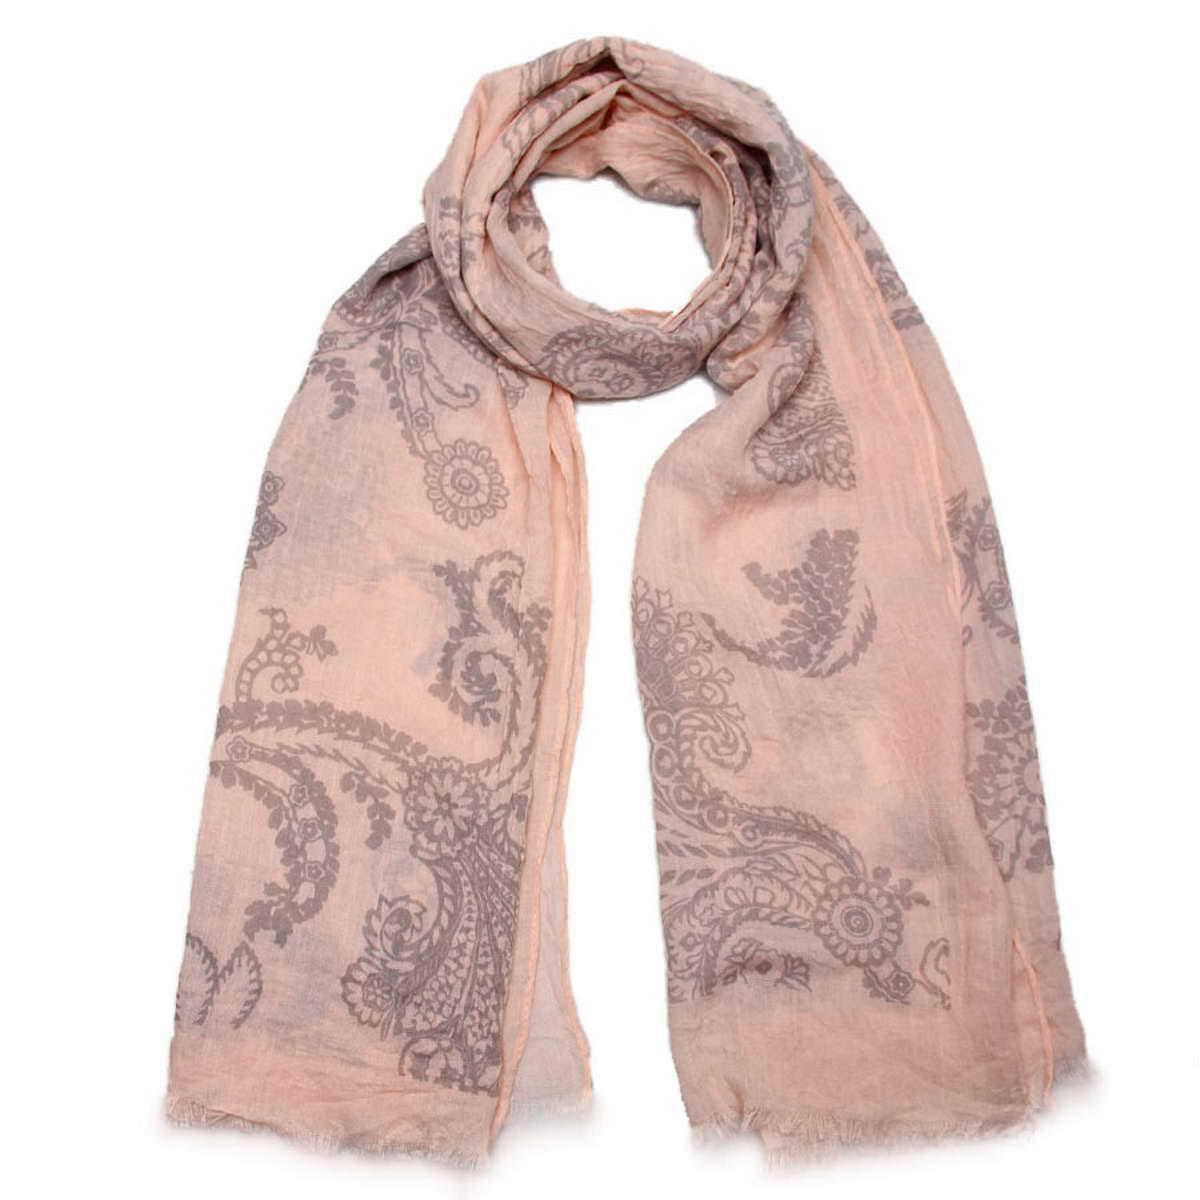 Палантин женский Venera, цвет: бледно-розовый, серый. 3414501-05. Размер 70 см х 180 см3414501-05Элегантный палантин Venera согреет вас в непогоду и станет достойным завершением вашего образа.Палантин изготовлен из вискозы с добавлением шелка. Легкий и приятный на ощупь палантин классического кроя оформлен оригинальными узорами. Края оформлены бахромой. Палантин красиво драпируется, он превосходно дополнит любой наряд и подчеркнет ваш изысканный вкус.Легкий и изящный палантин привнесет в ваш образ утонченность и шарм.